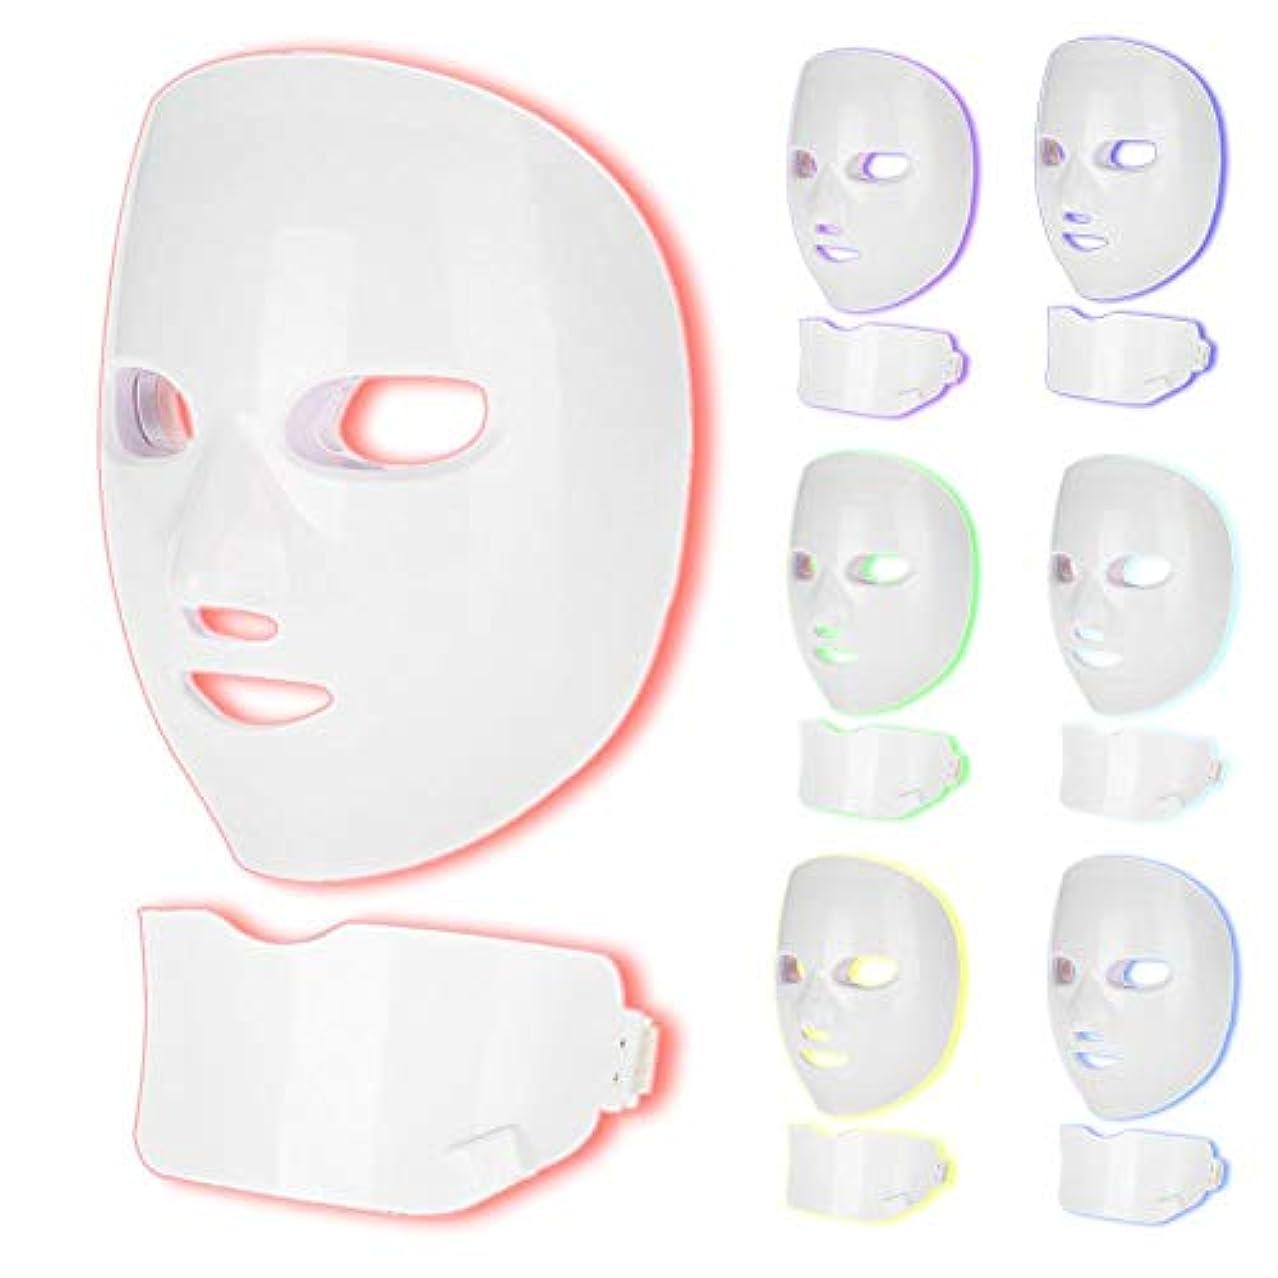 発揮する自我不定7色の肌の若返りマスク、LEDフェイシャルマスクフェイスネック肌引き締め美容機(01#)